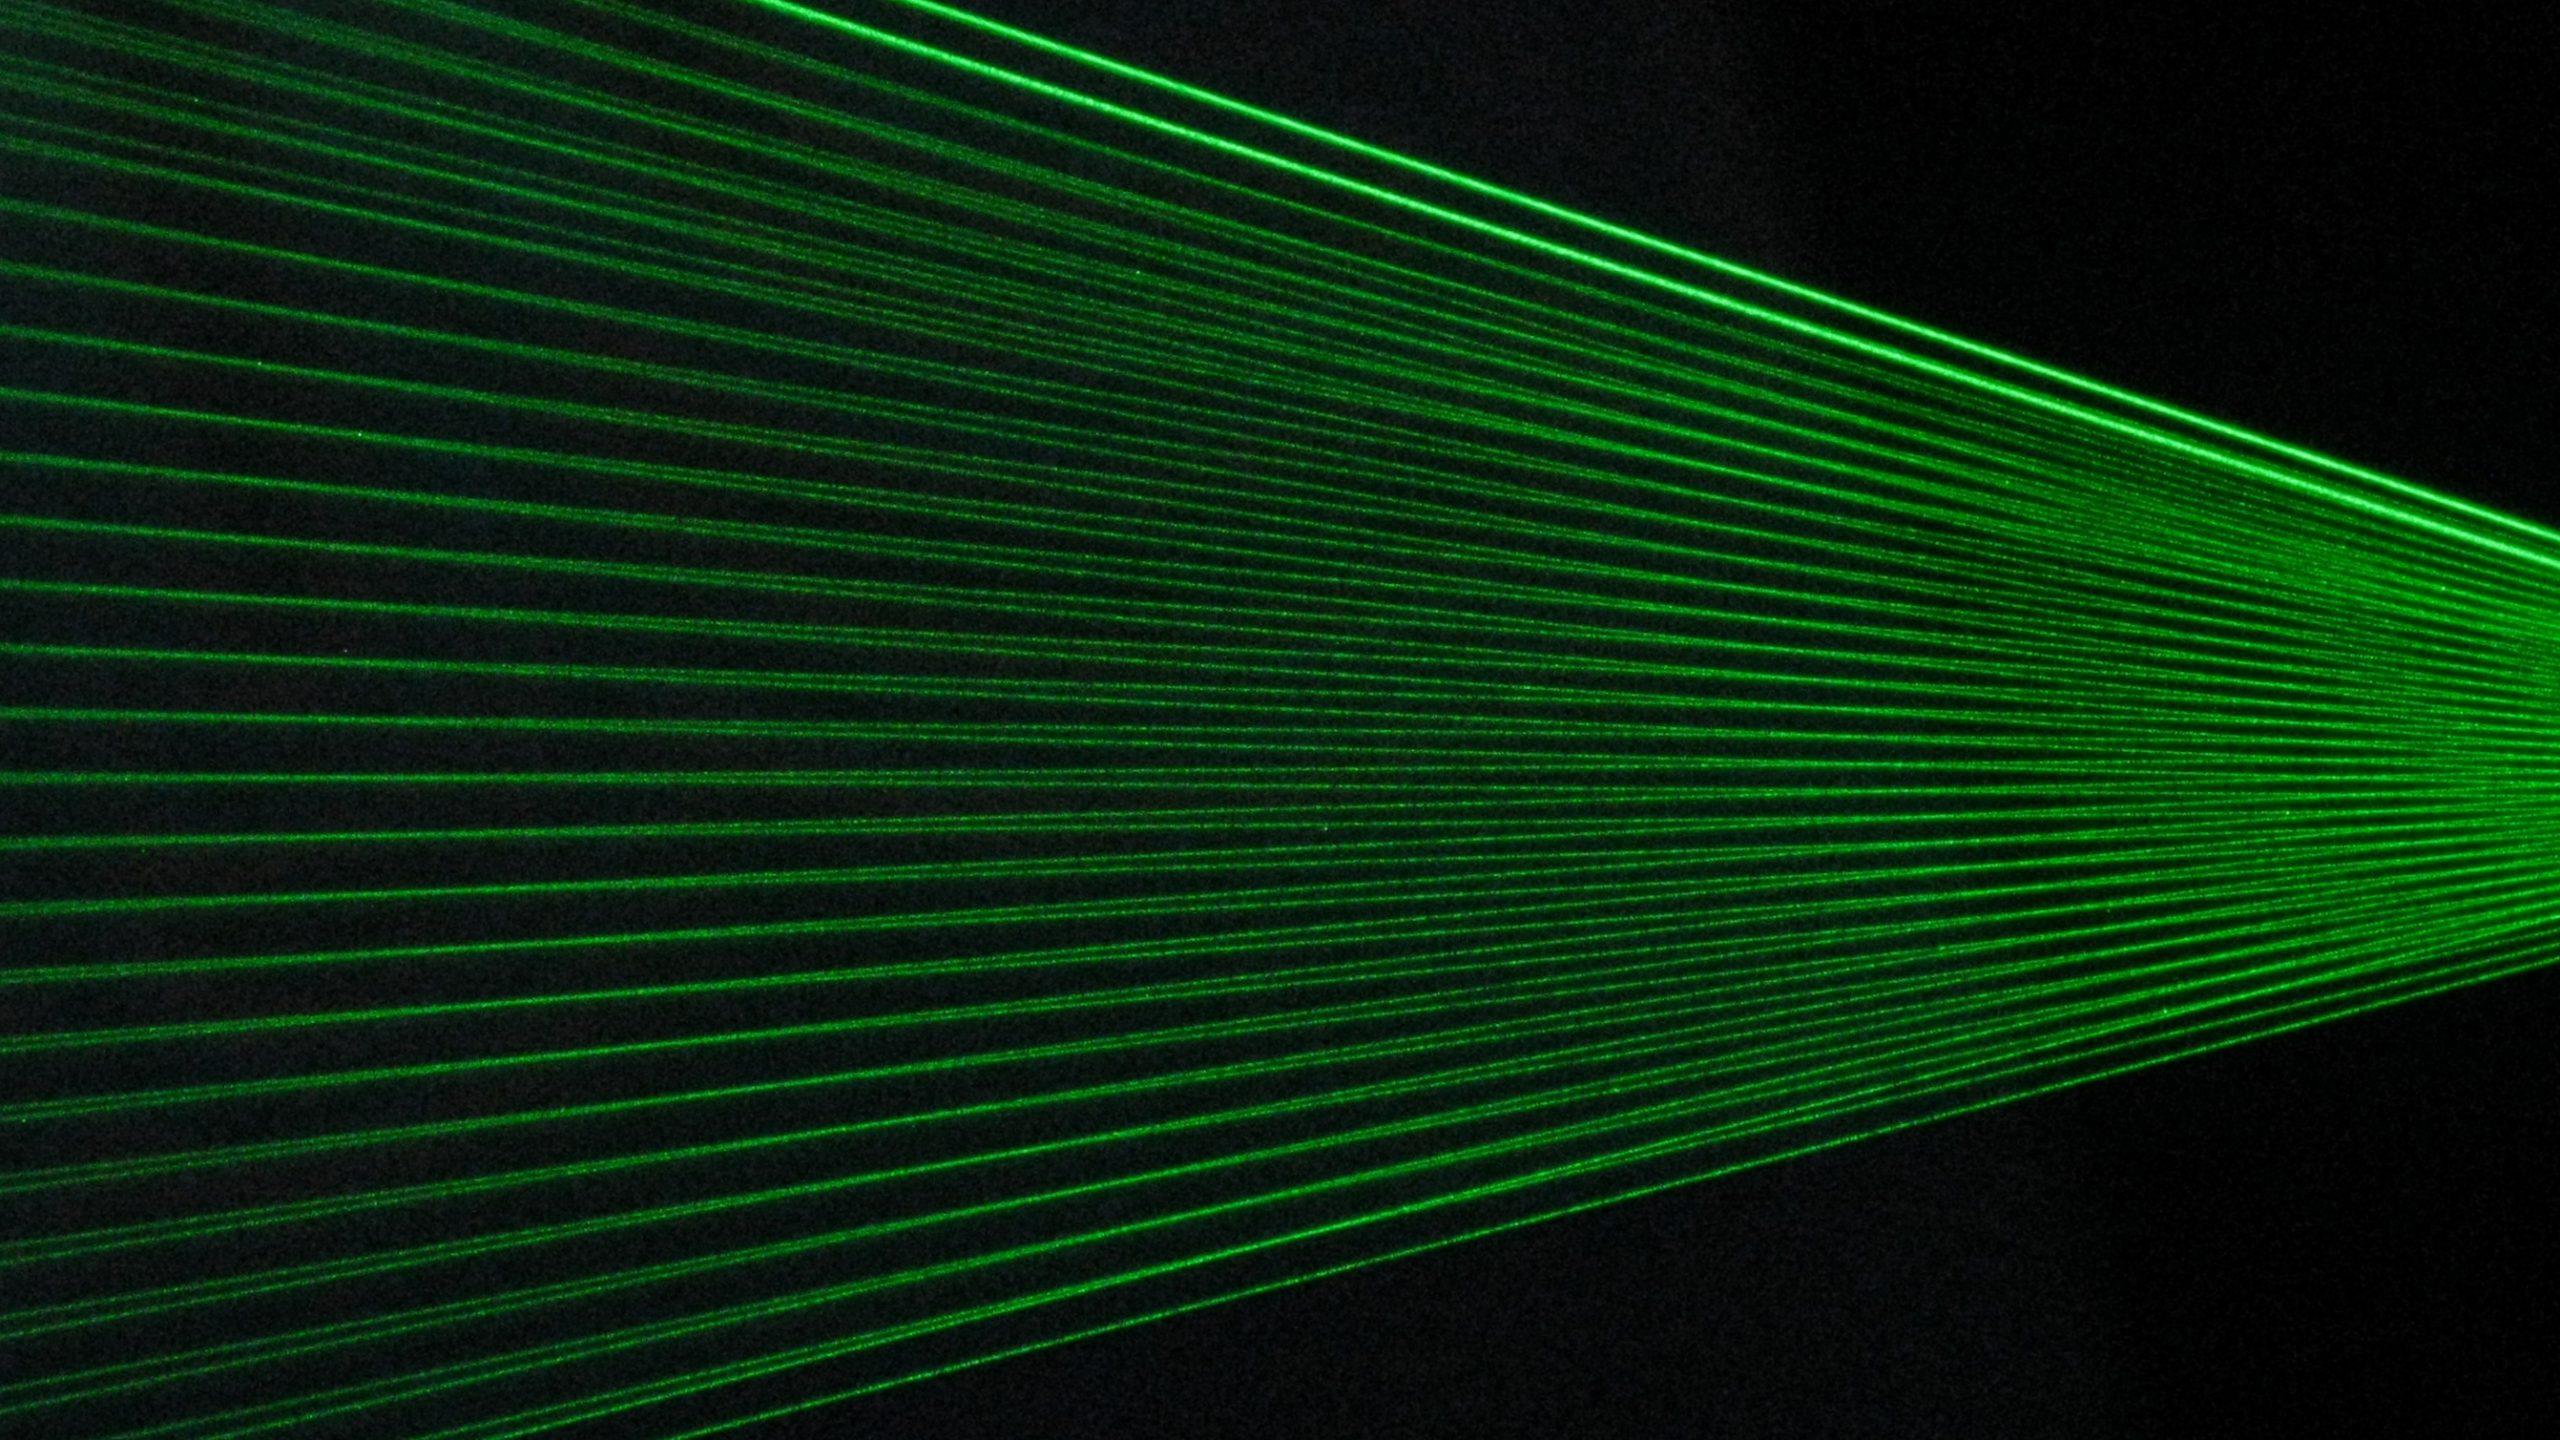 Green laser fence © 2009 CC BY 2.0 David Jones via Flickr